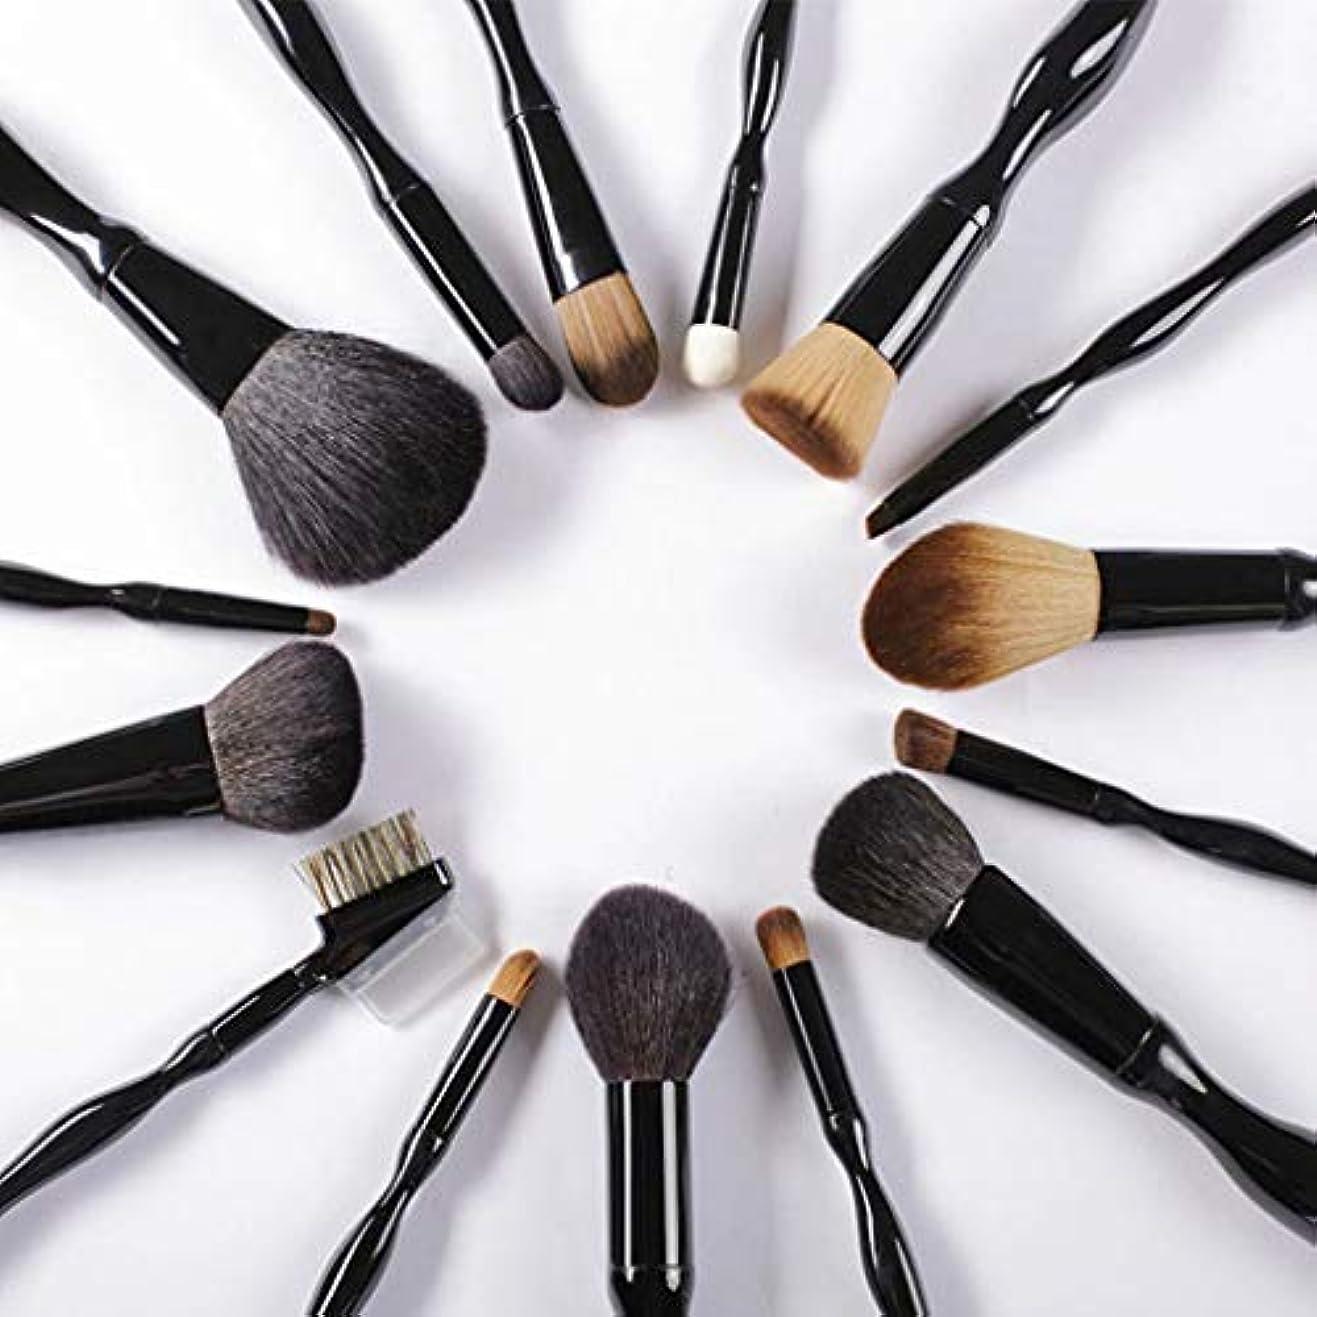 表向き恒久的ほのか15化粧ブラシボディカーブファンデーションブラシ化粧ブラシ美容ツール